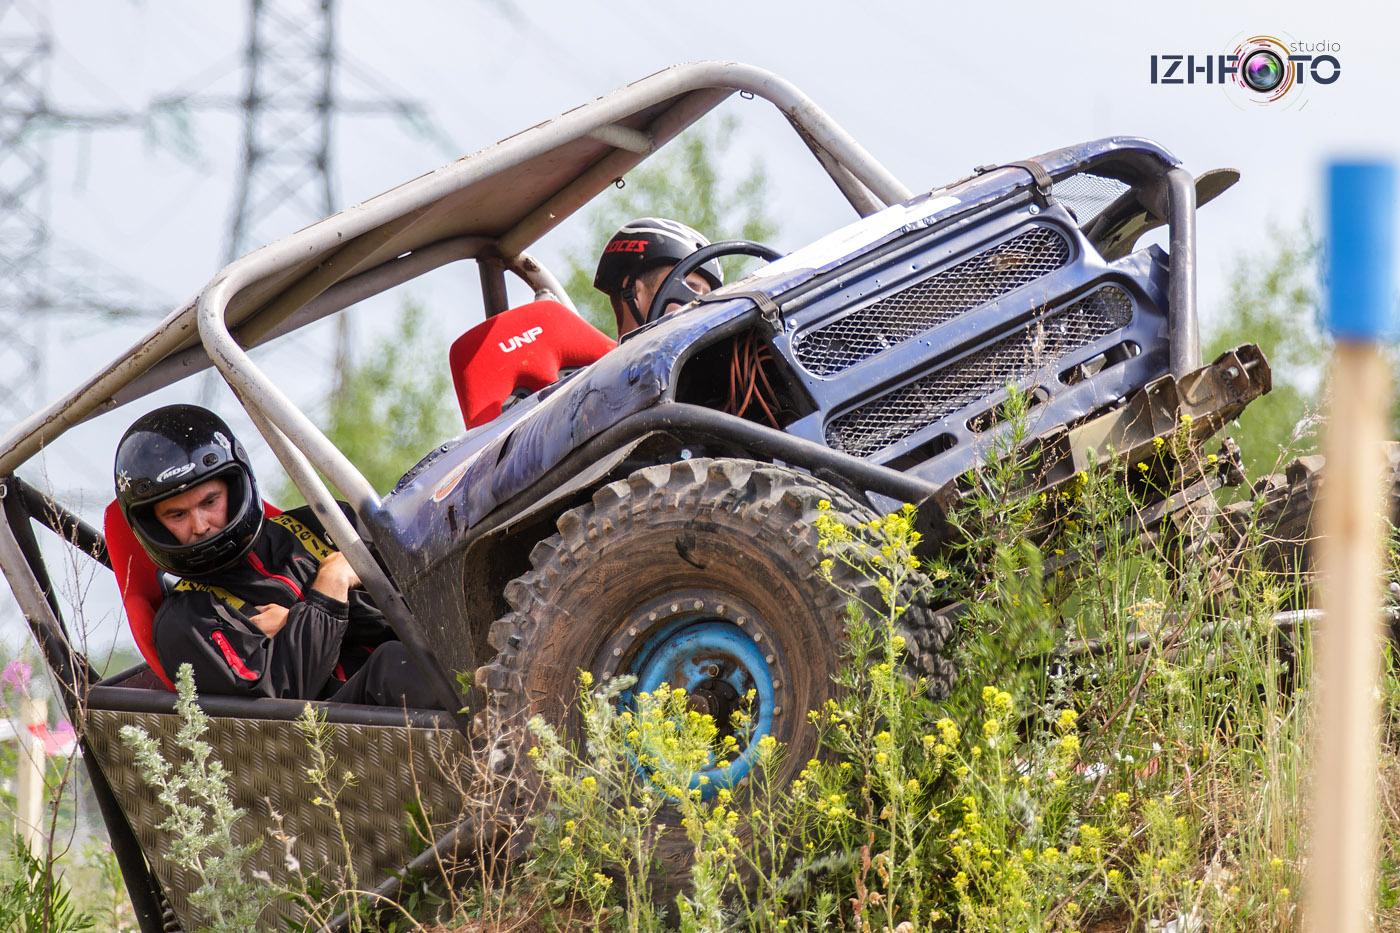 Плюс этих соревнований также в том, что автомобили ездят в относительно небольших зачётных секциях и зрители находятся в непосредственной близости